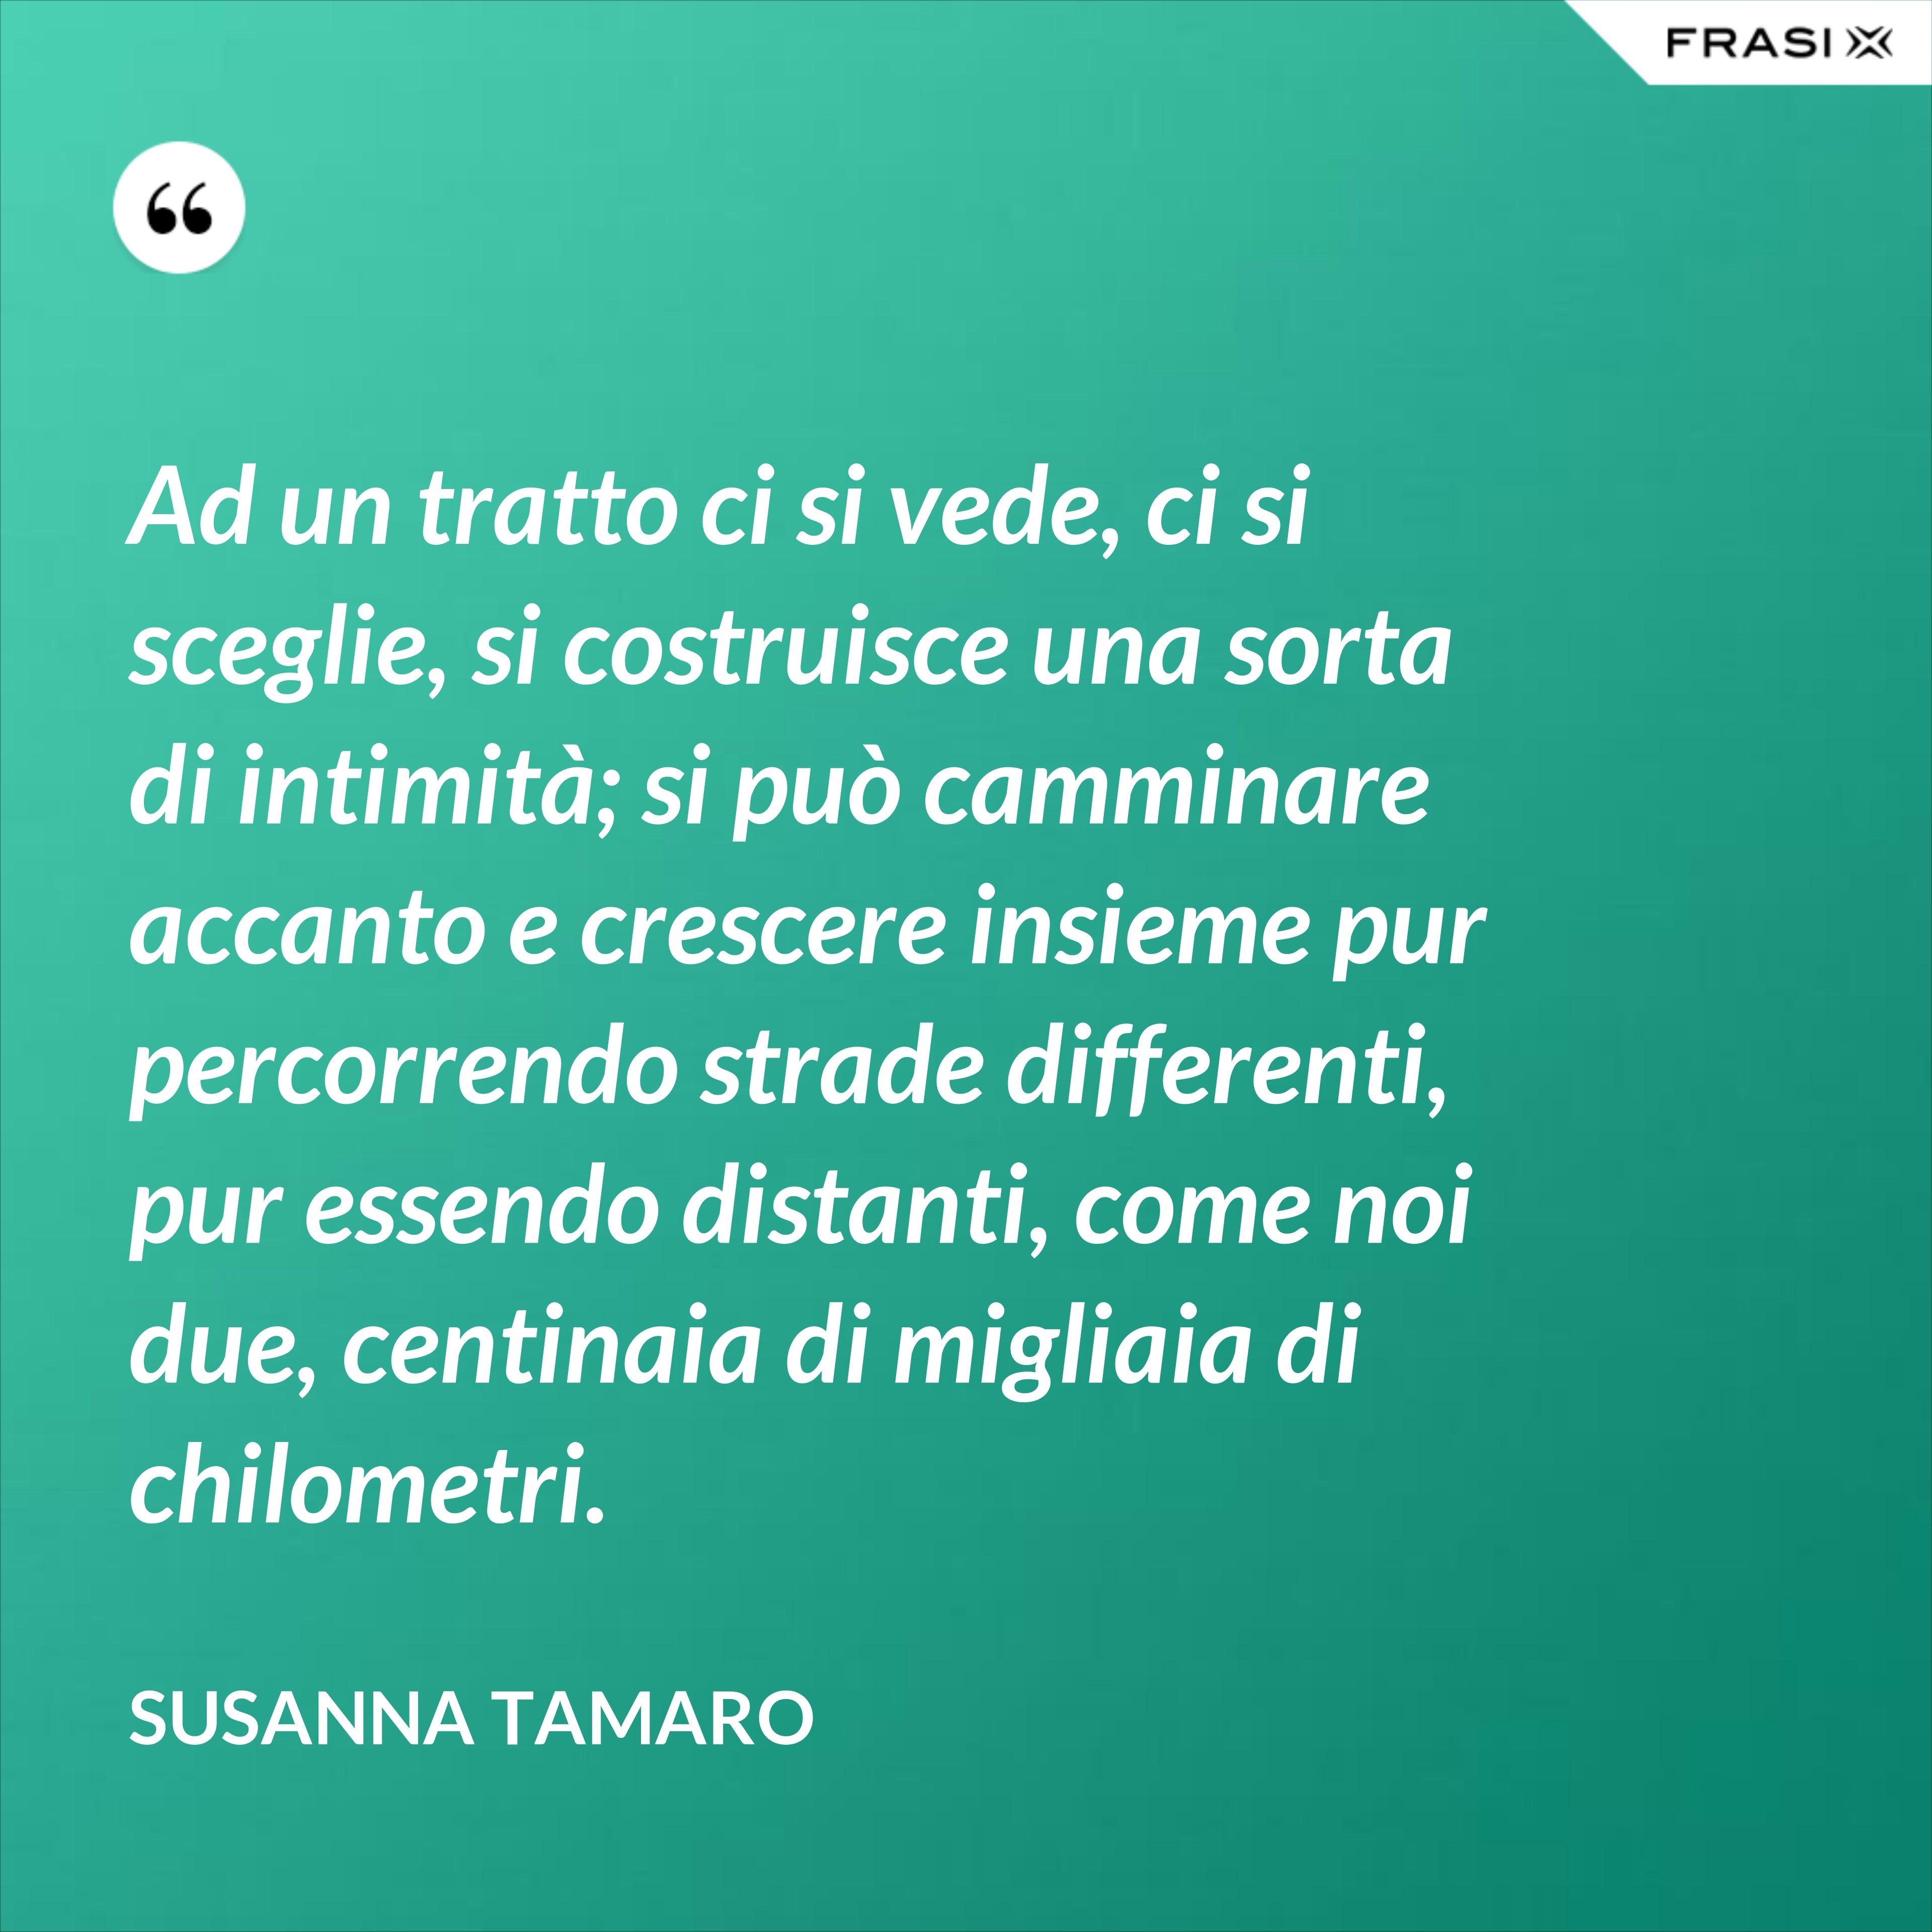 Ad un tratto ci si vede, ci si sceglie, si costruisce una sorta di intimità; si può camminare accanto e crescere insieme pur percorrendo strade differenti, pur essendo distanti, come noi due, centinaia di migliaia di chilometri. - Susanna Tamaro